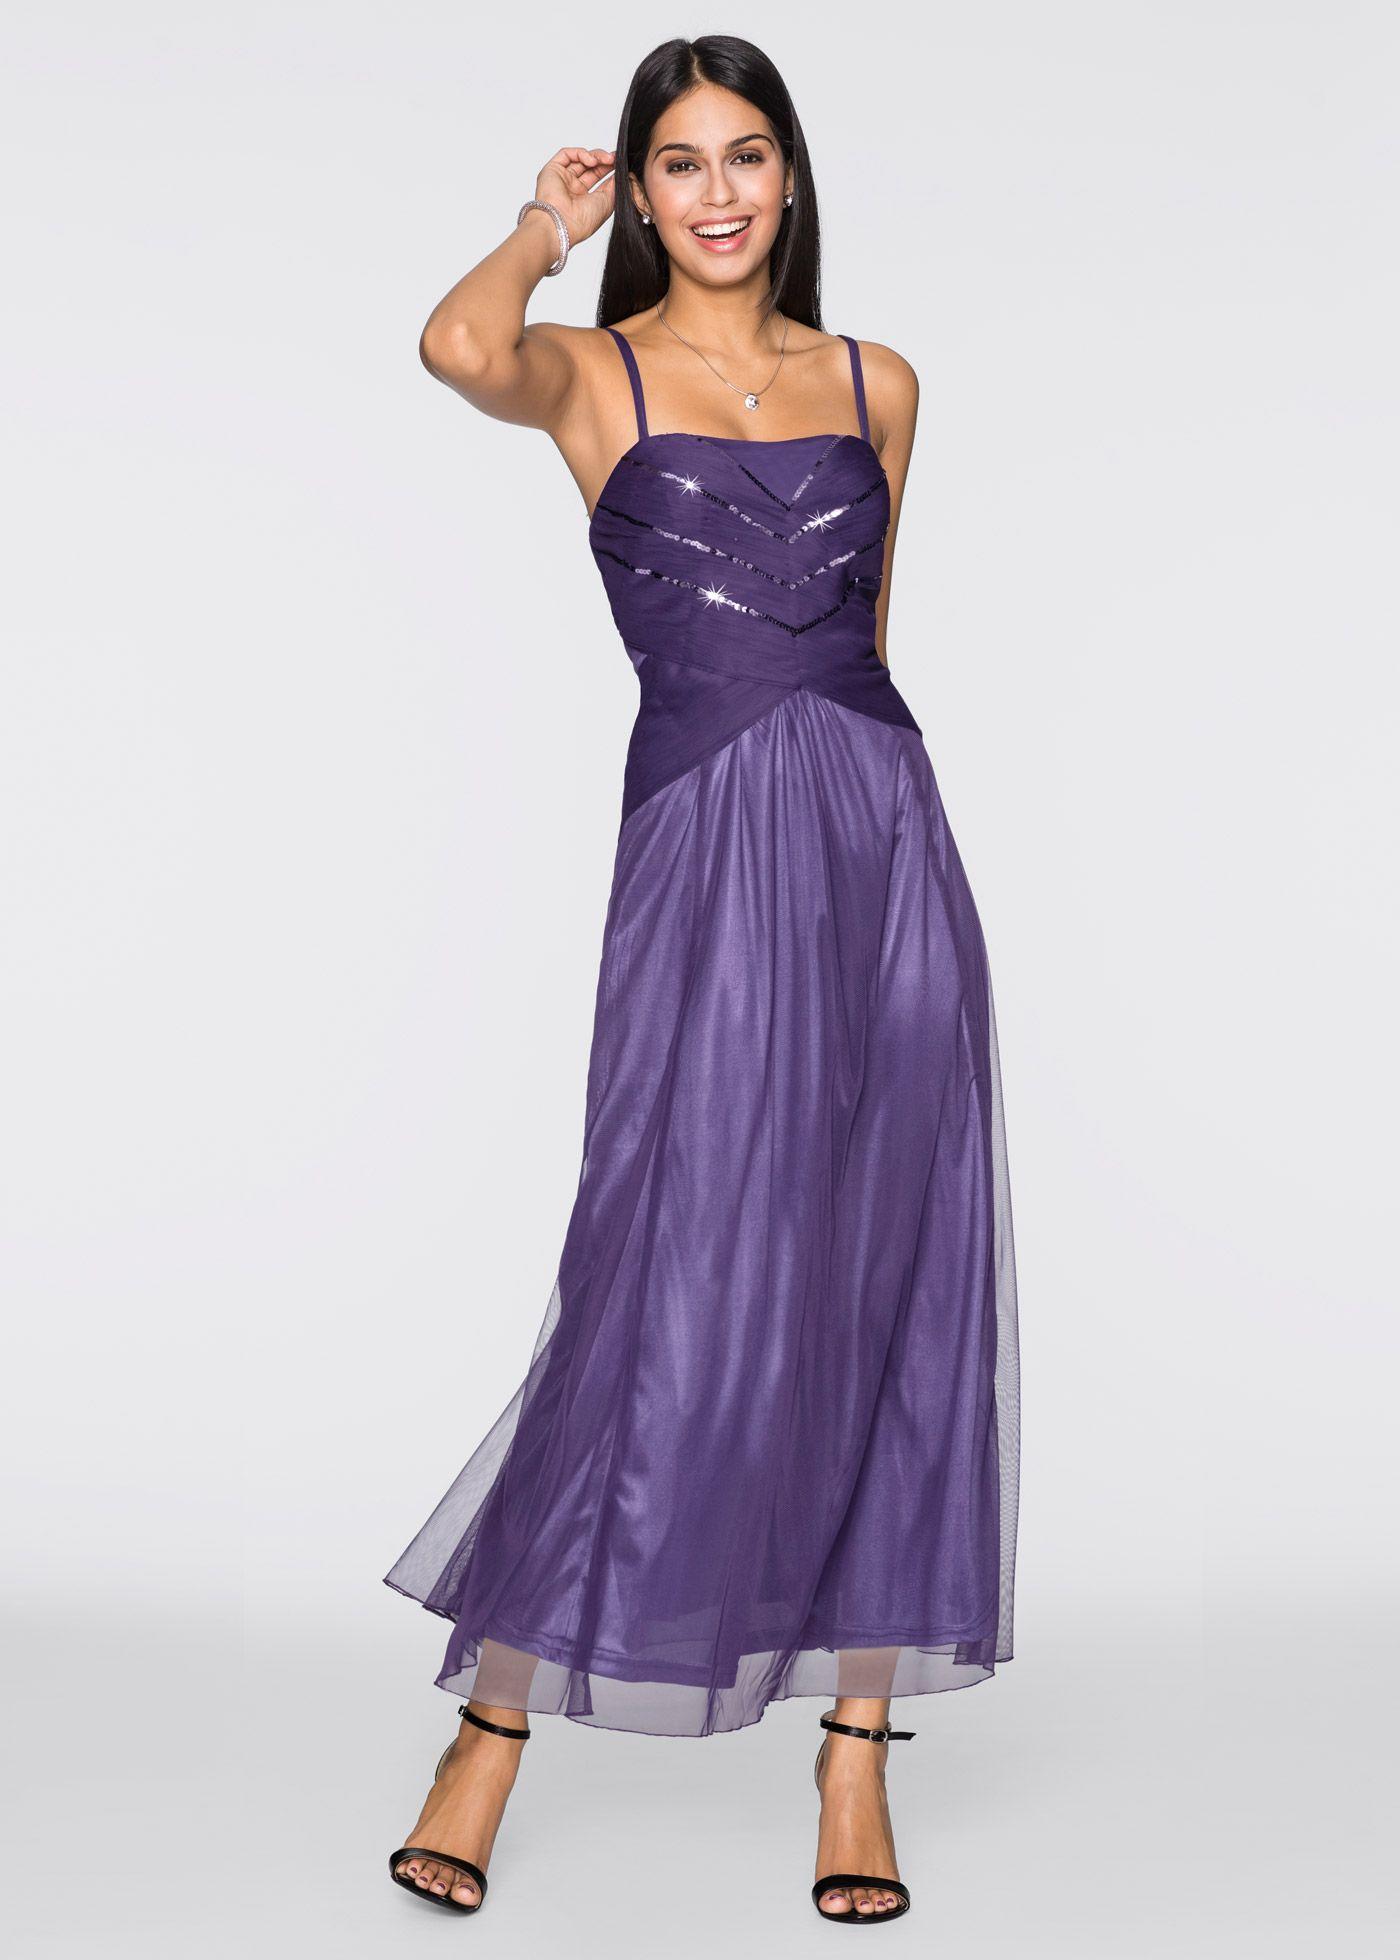 Abendkleid lila - BODYFLIRT jetzt im Online Shop von bonprix.de ab